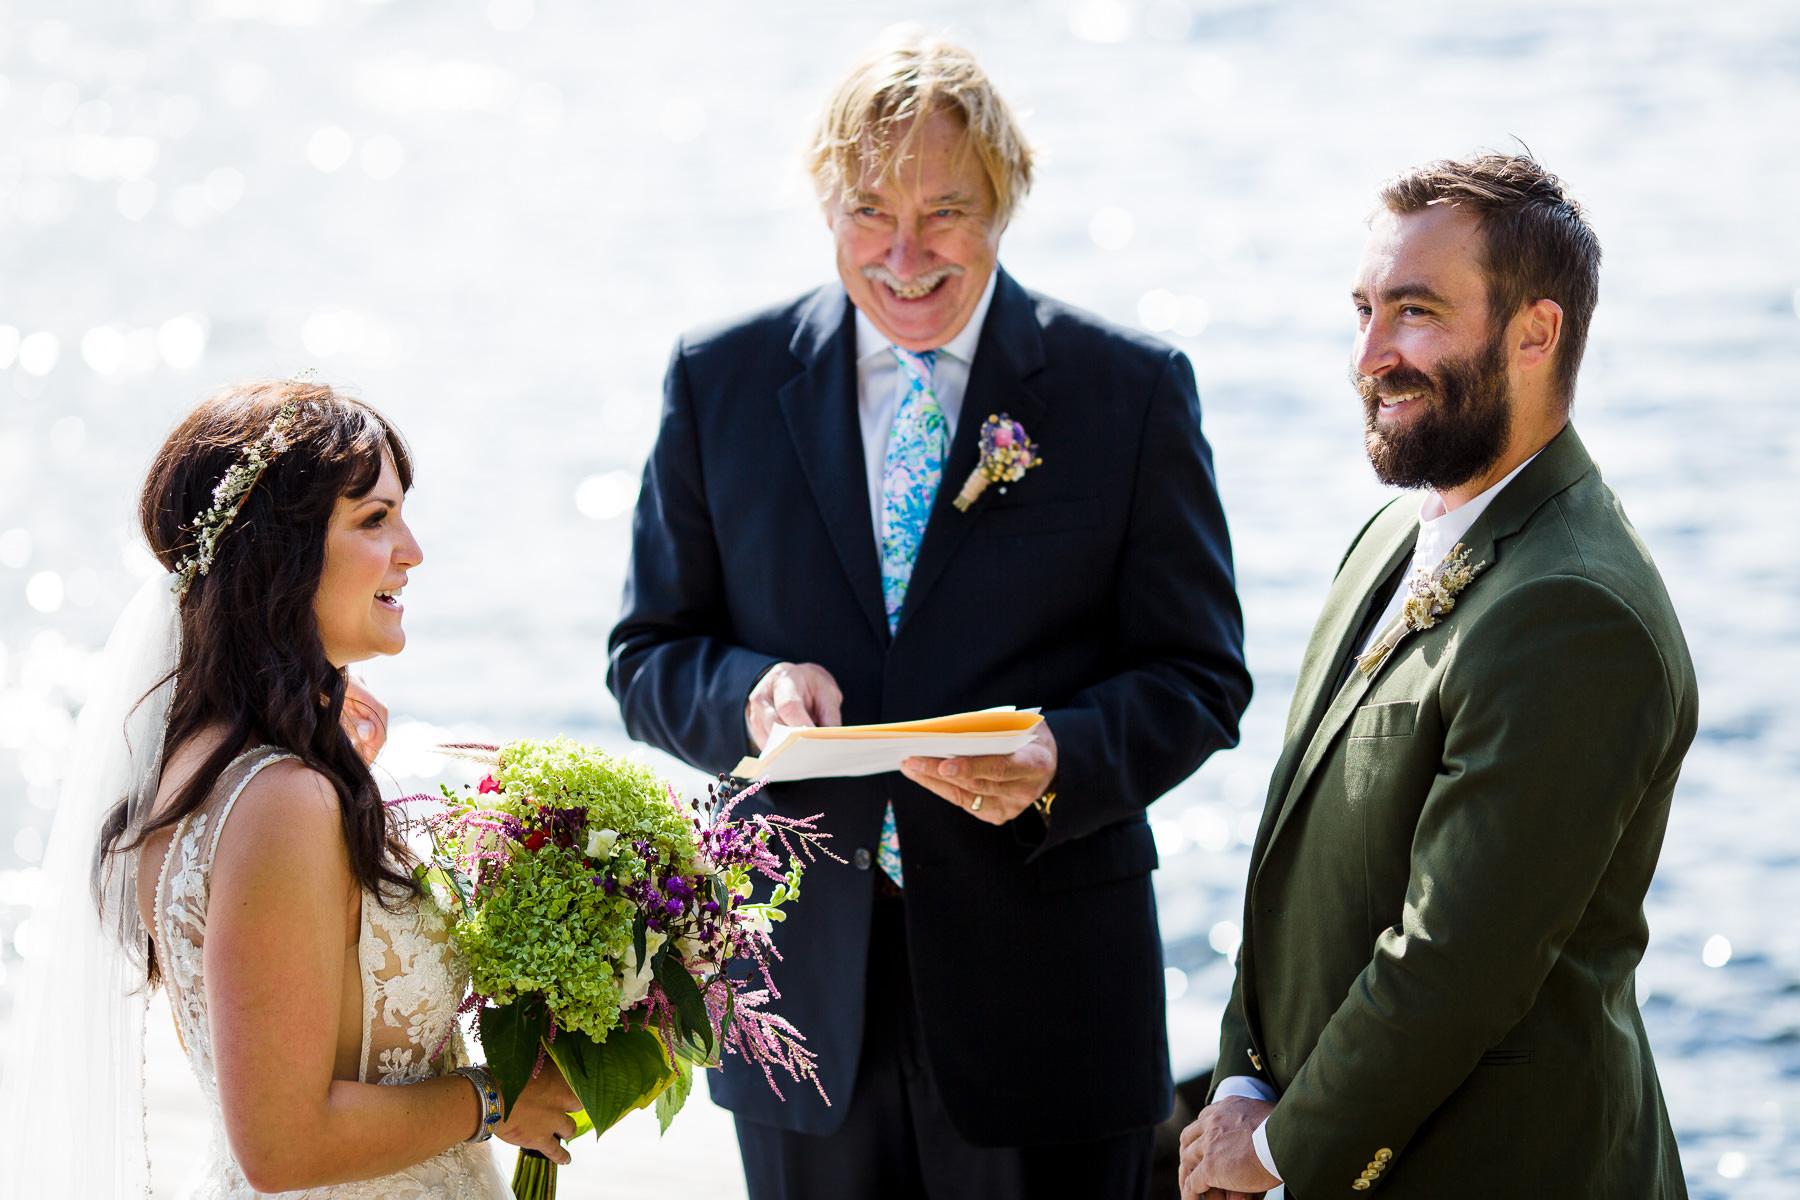 Beste Chateaugay Lakes, NY Fotografie | De huwelijksceremonie vond plaats op een rotsblok aan de rand van het meer